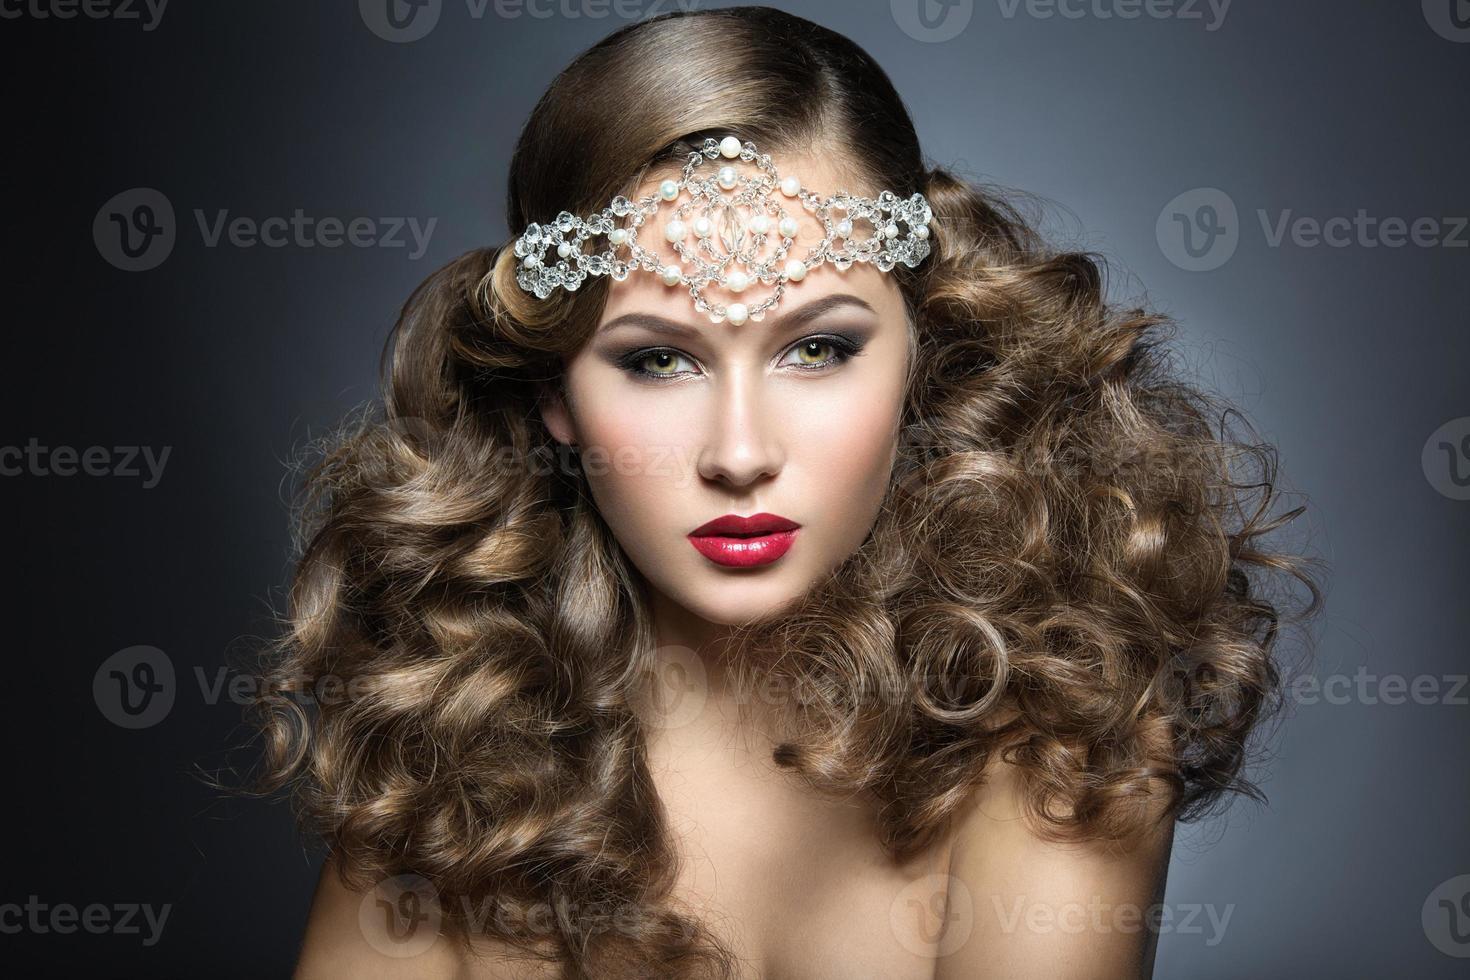 hermosa mujer con maquillaje de noche y rizos y grandes joyas foto